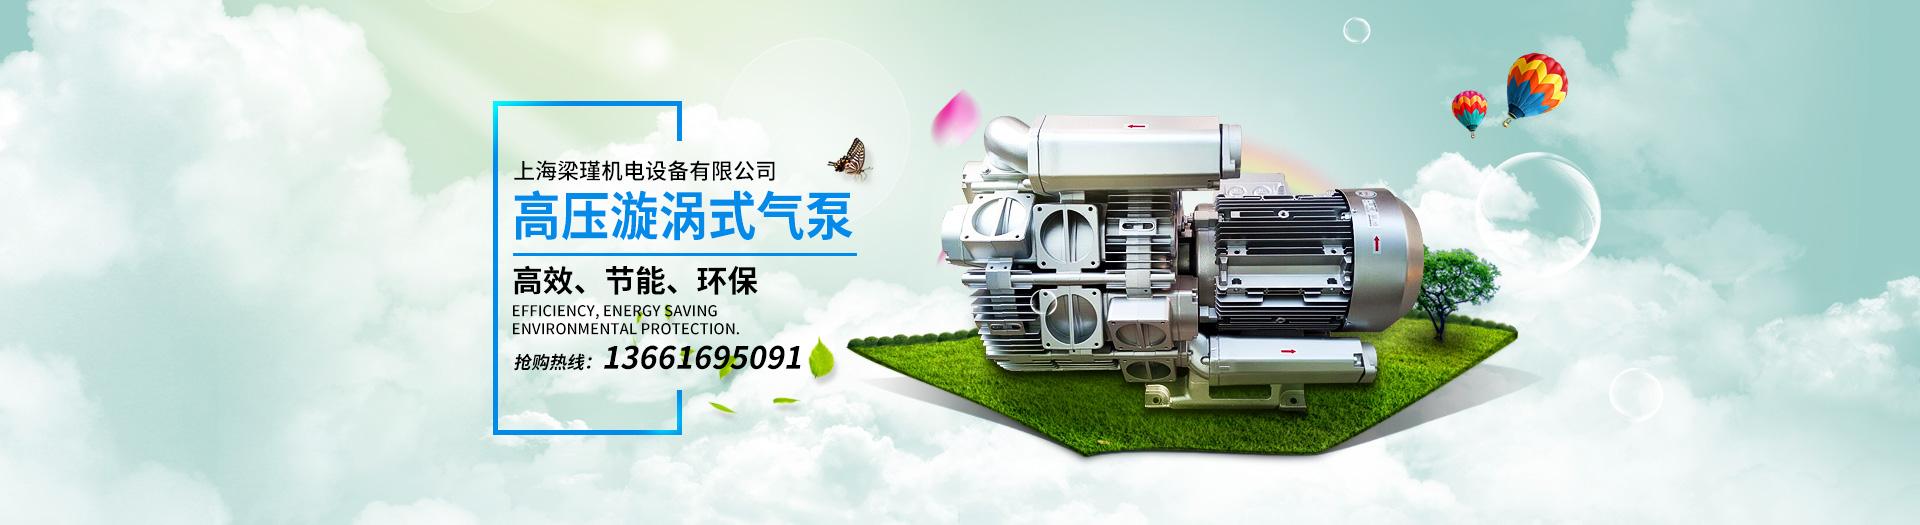 单相漩涡气泵生产